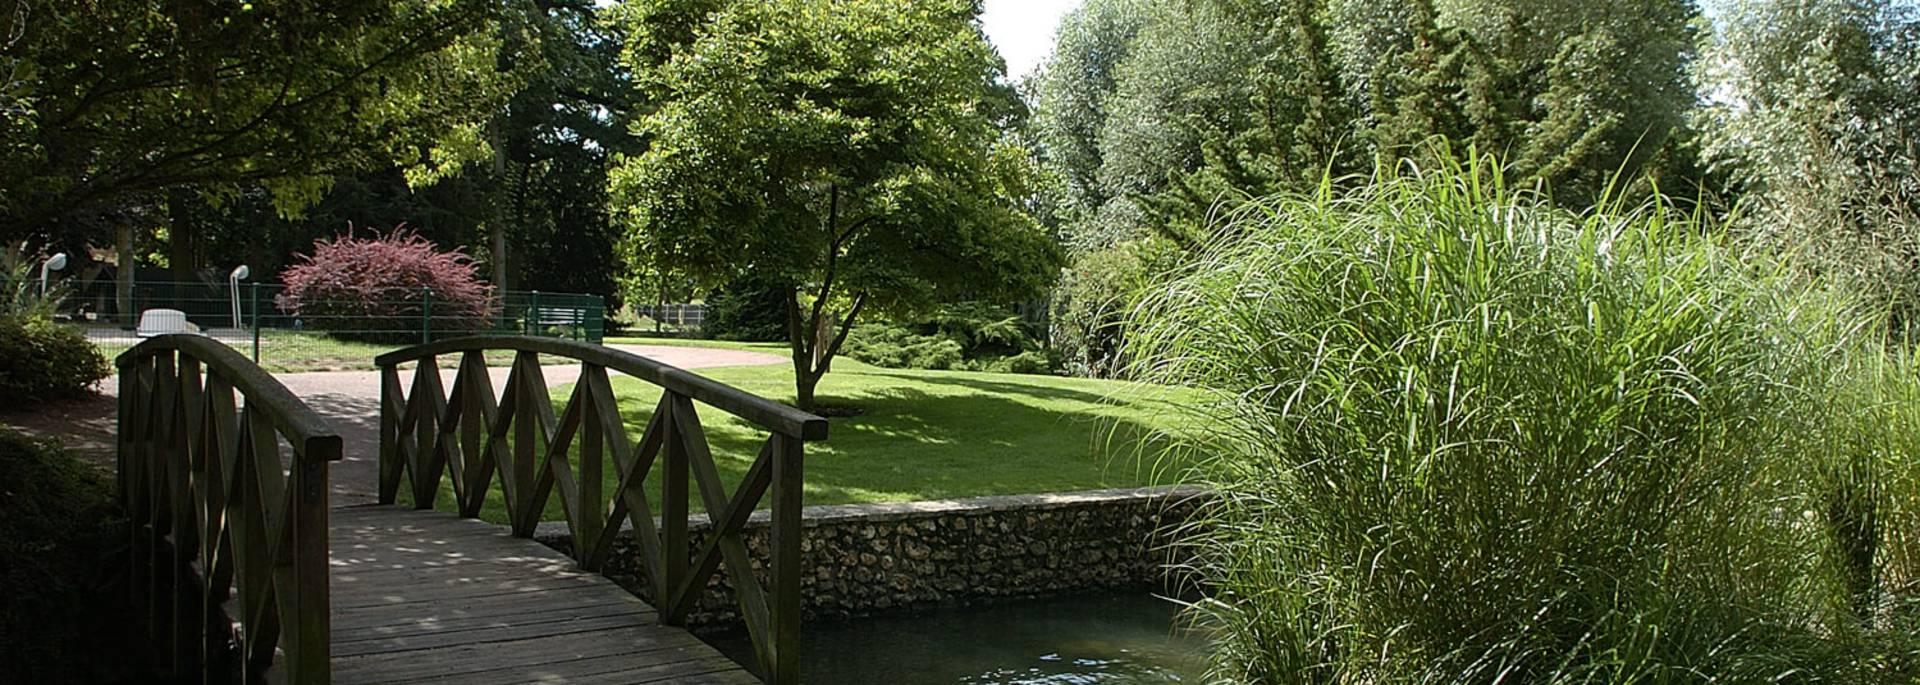 © Espaces Verts de la Ville de Chartres